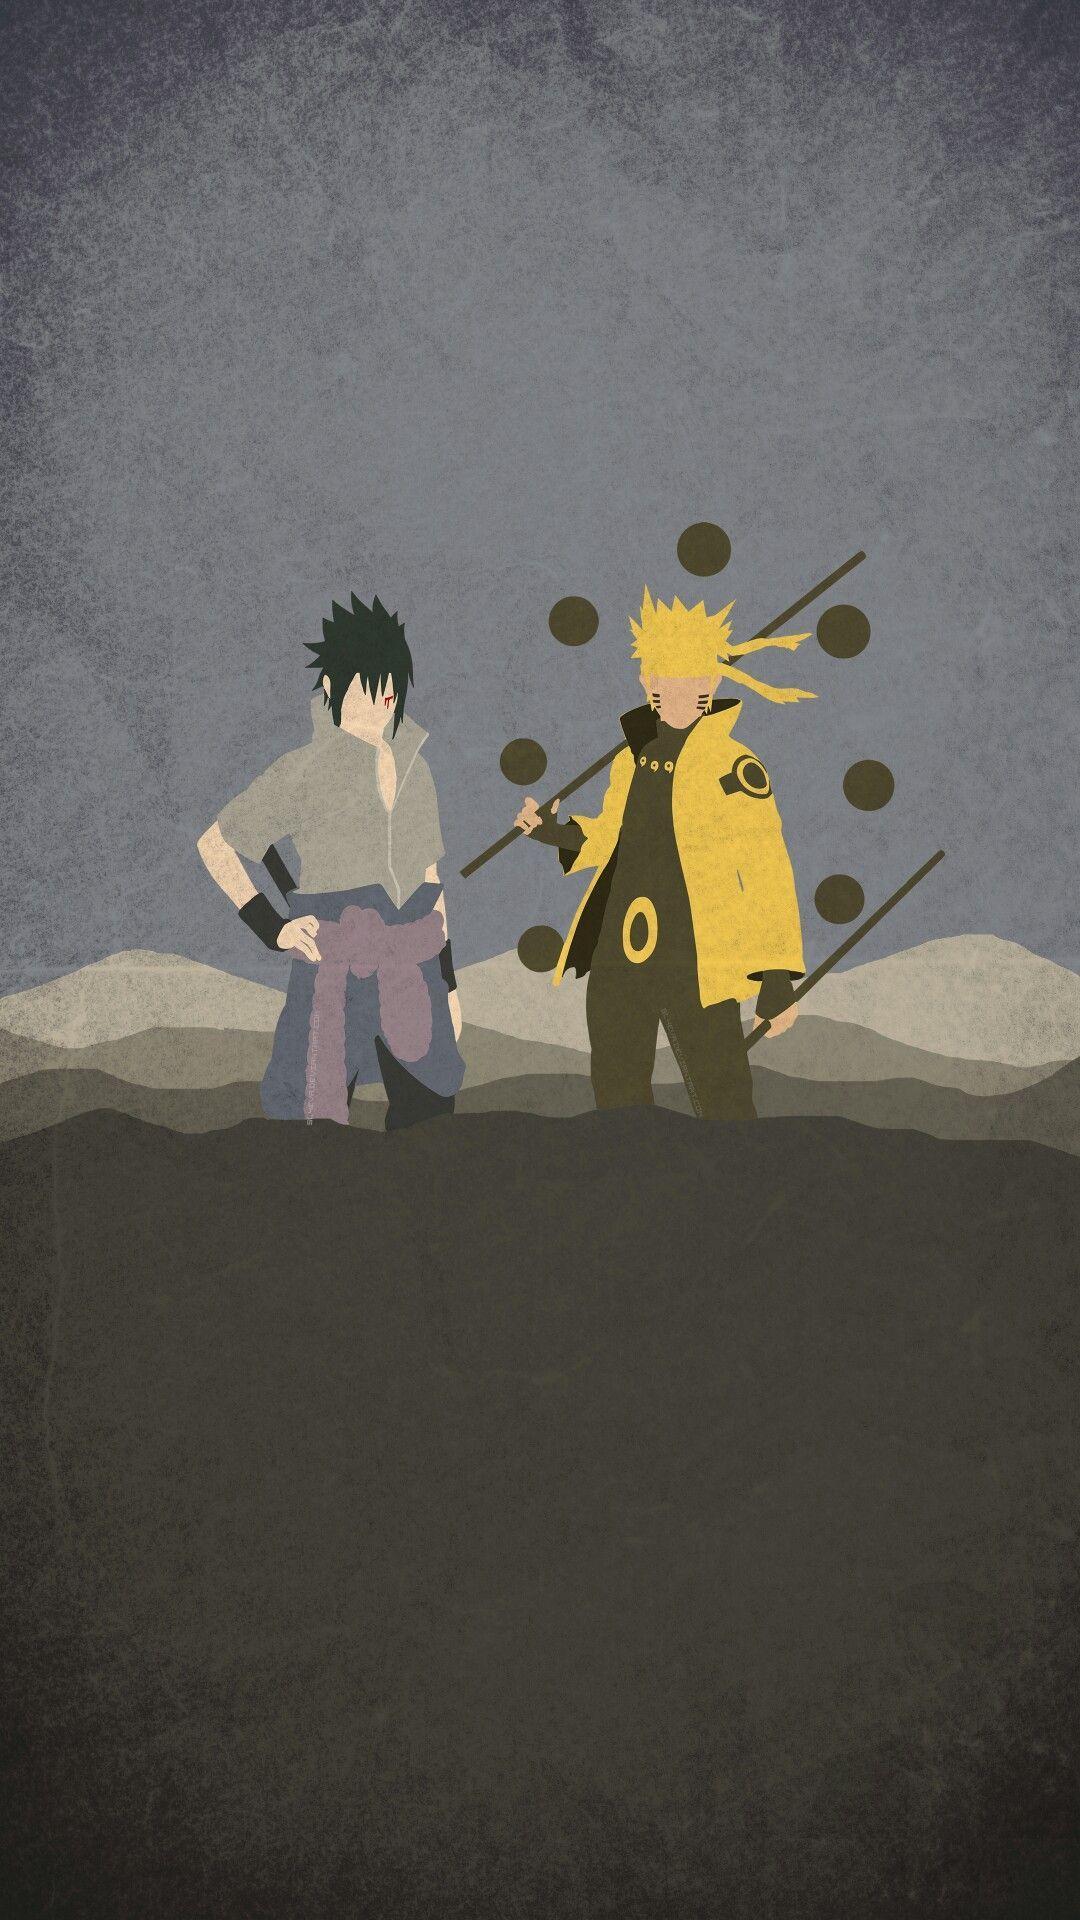 Sasuke Minimalist Wallpapers - Top Free Sasuke Minimalist ...